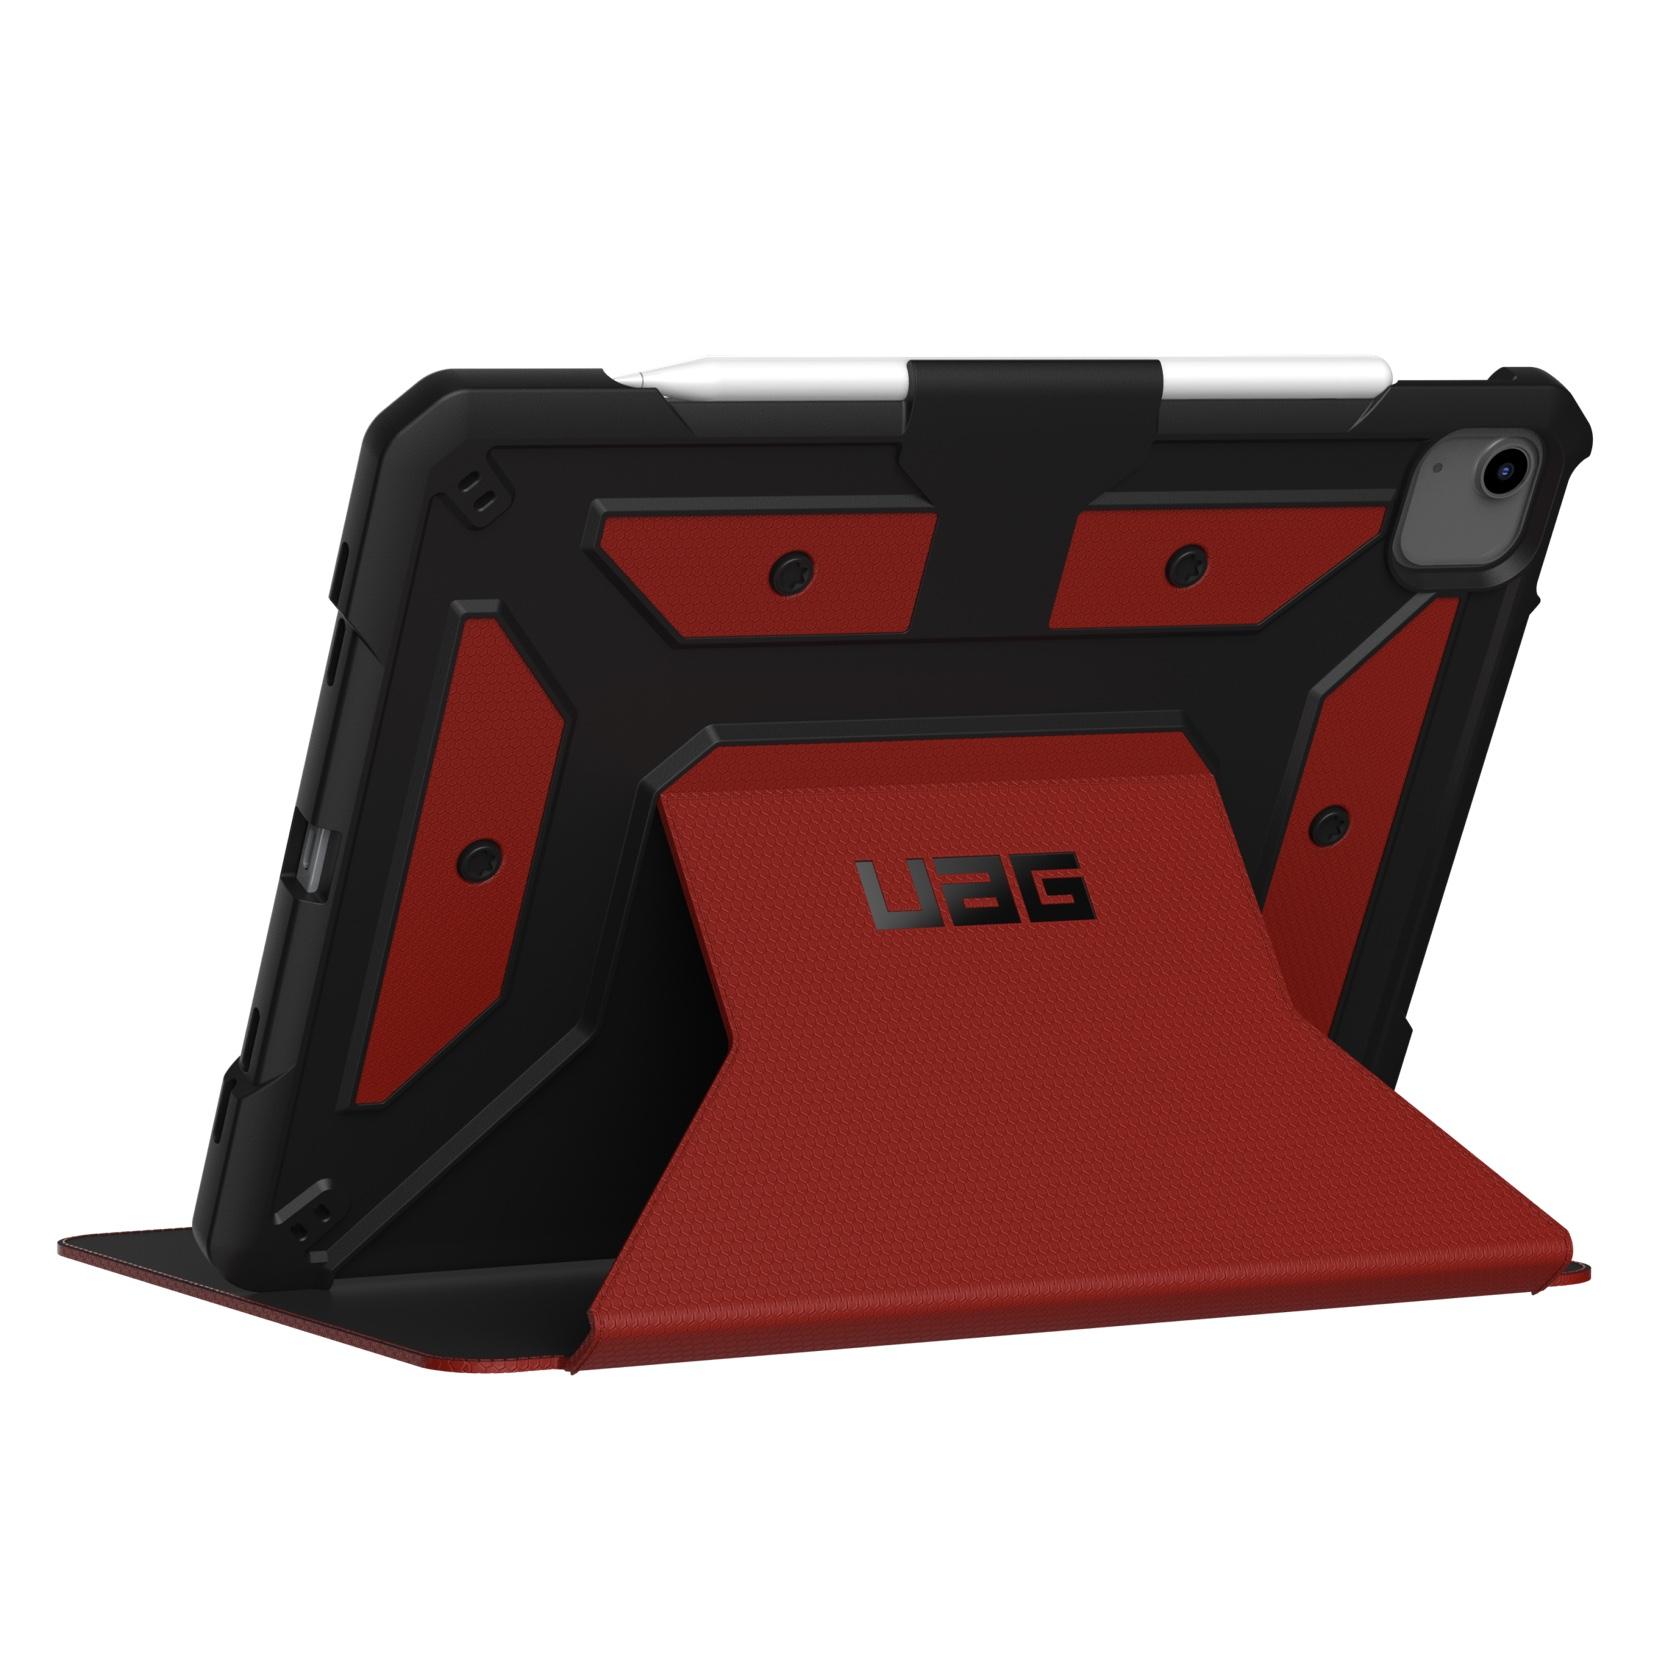 Pack Duo 2 en 1 Etui Folio de protection Armure et verre ecran iPAD AIR 4 10.9p